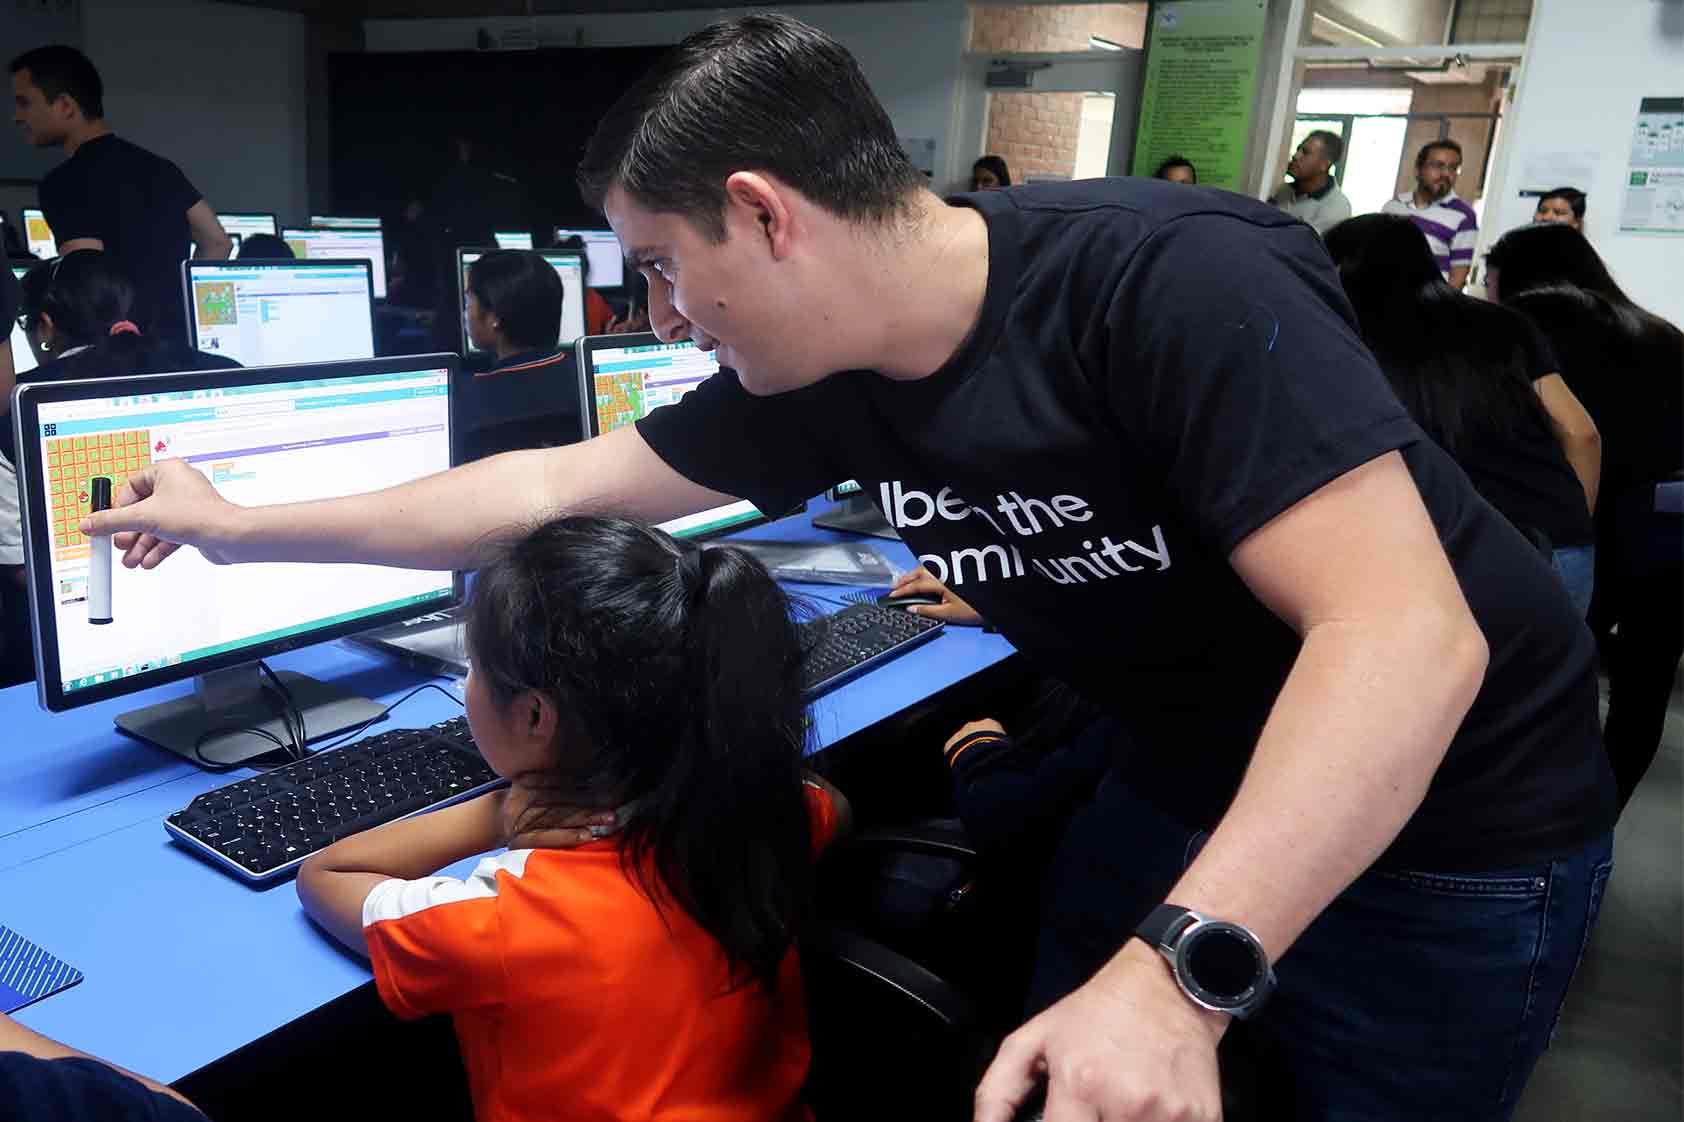 UVG Y Uber unen esfuerzos para educar a niñas en temas de tecnología